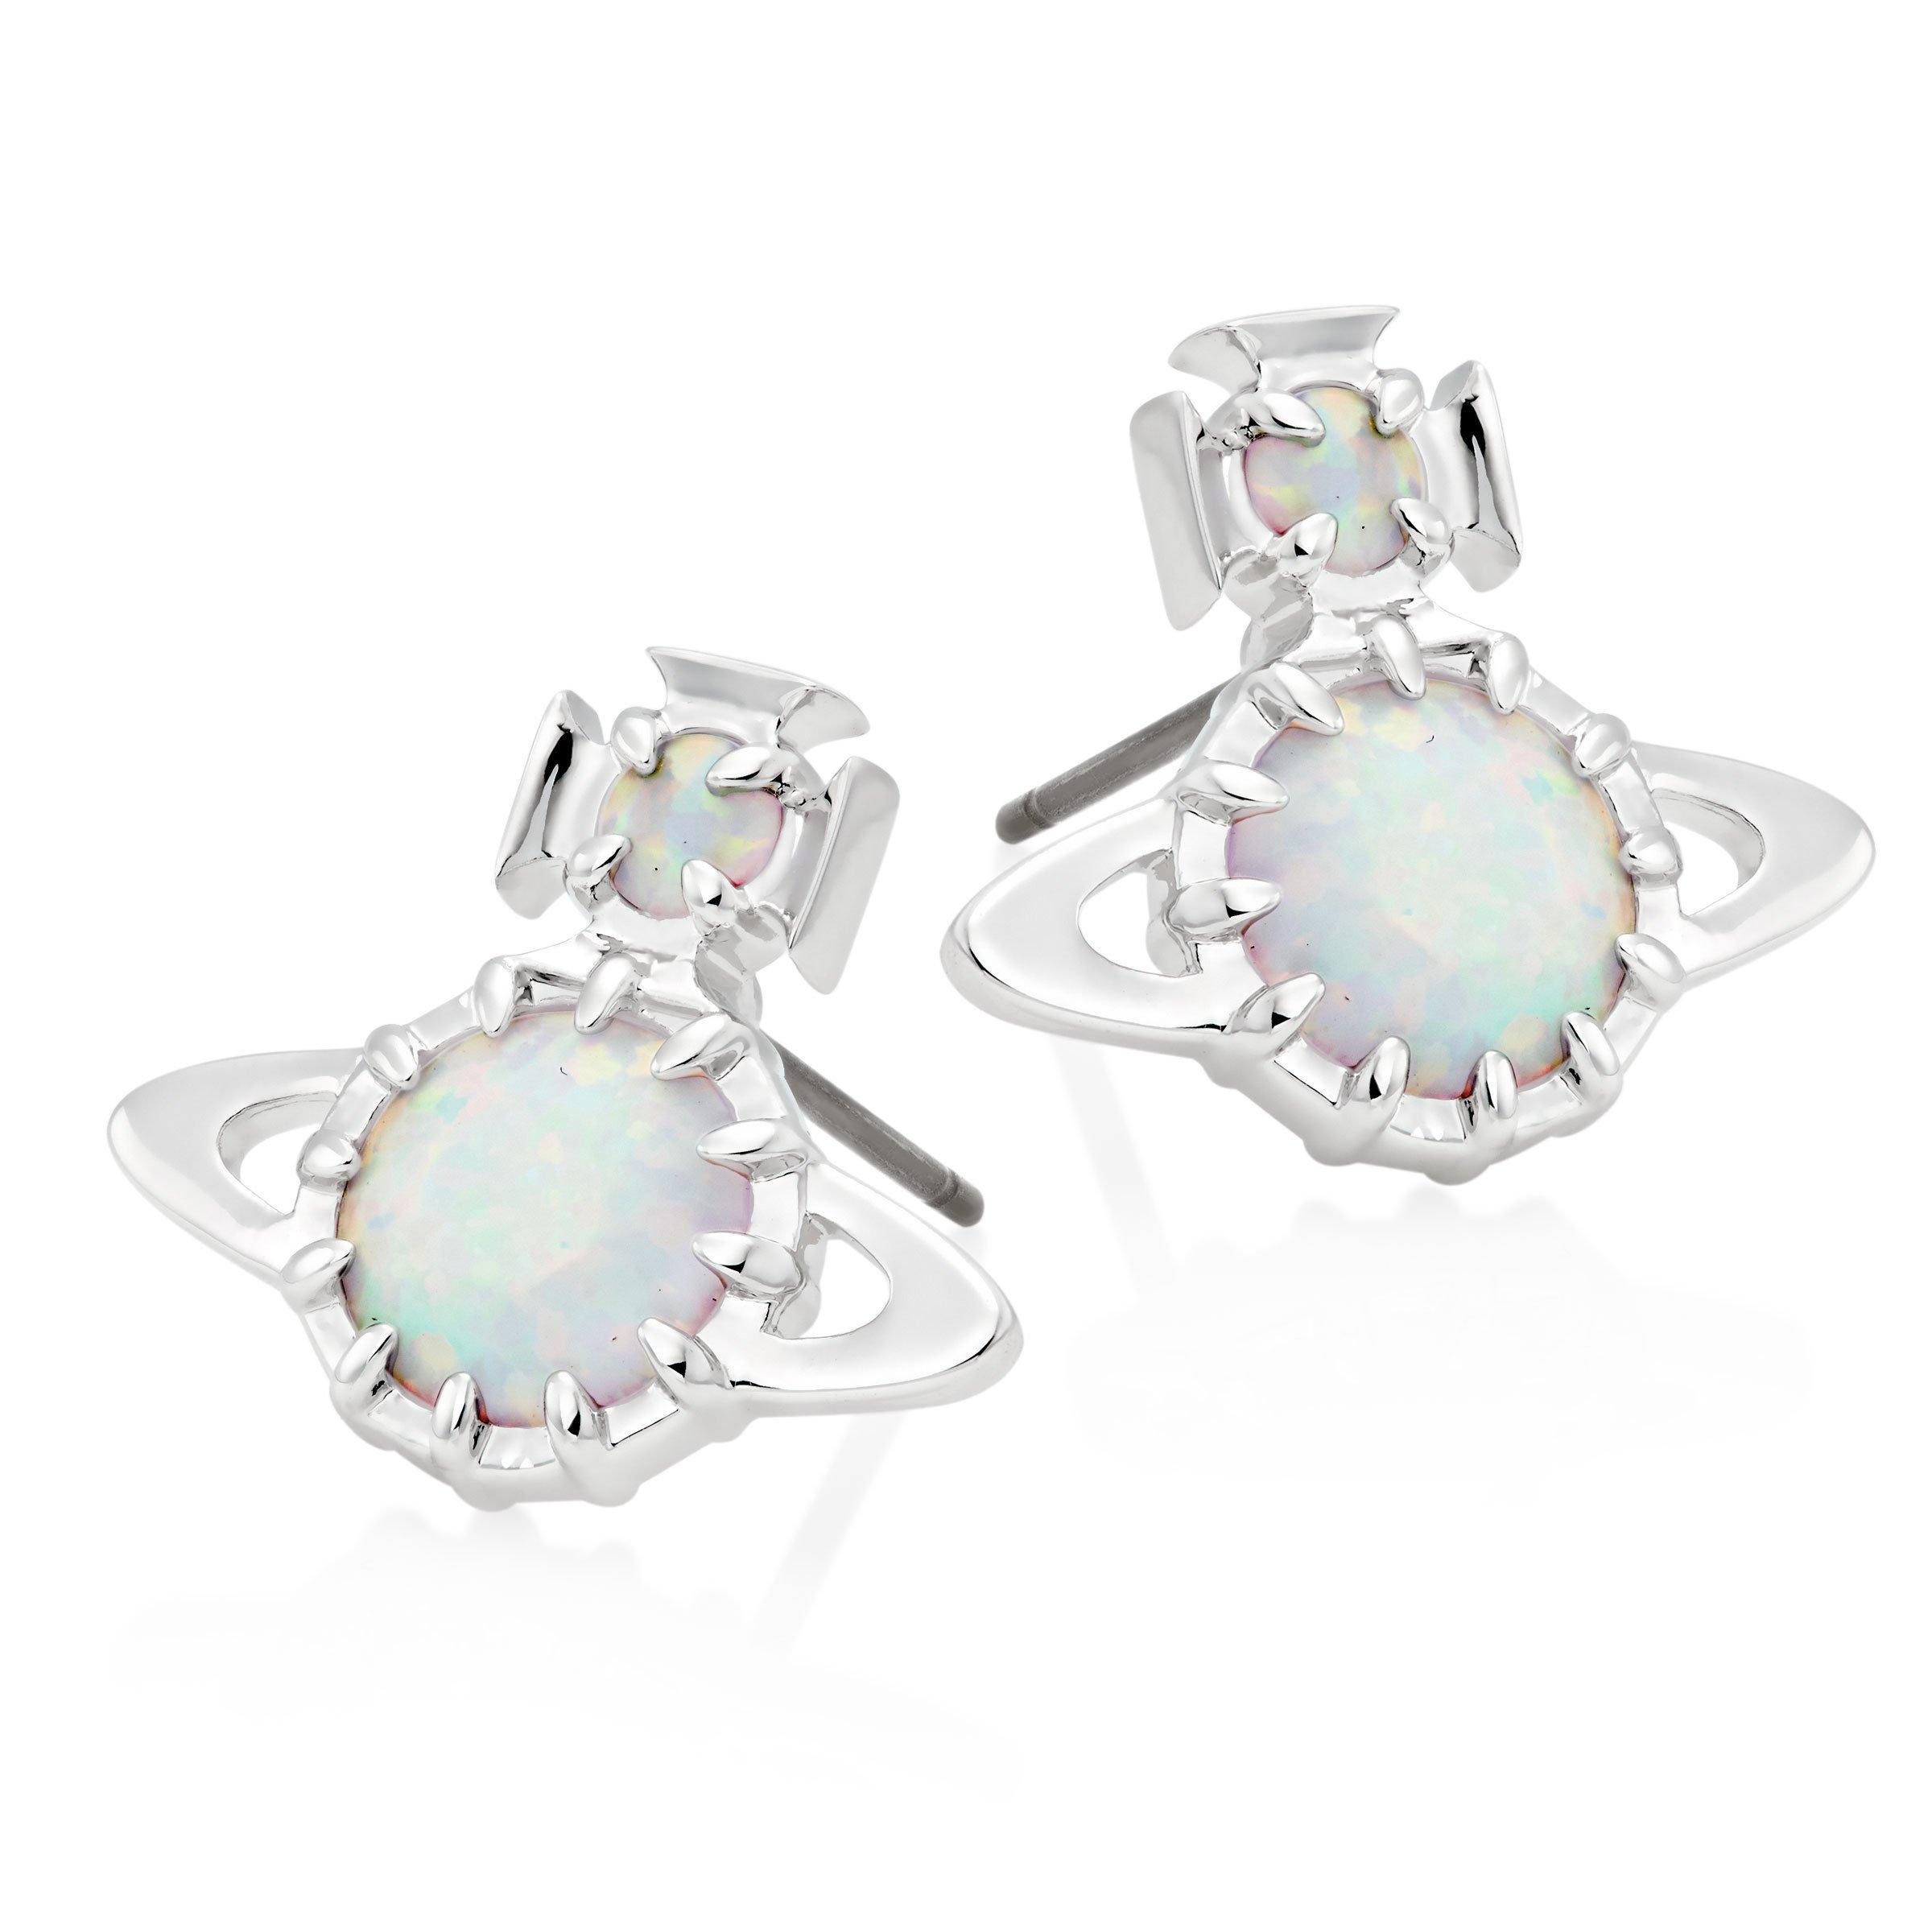 Vivienne Westwood Latifah Silver Tone Earrings